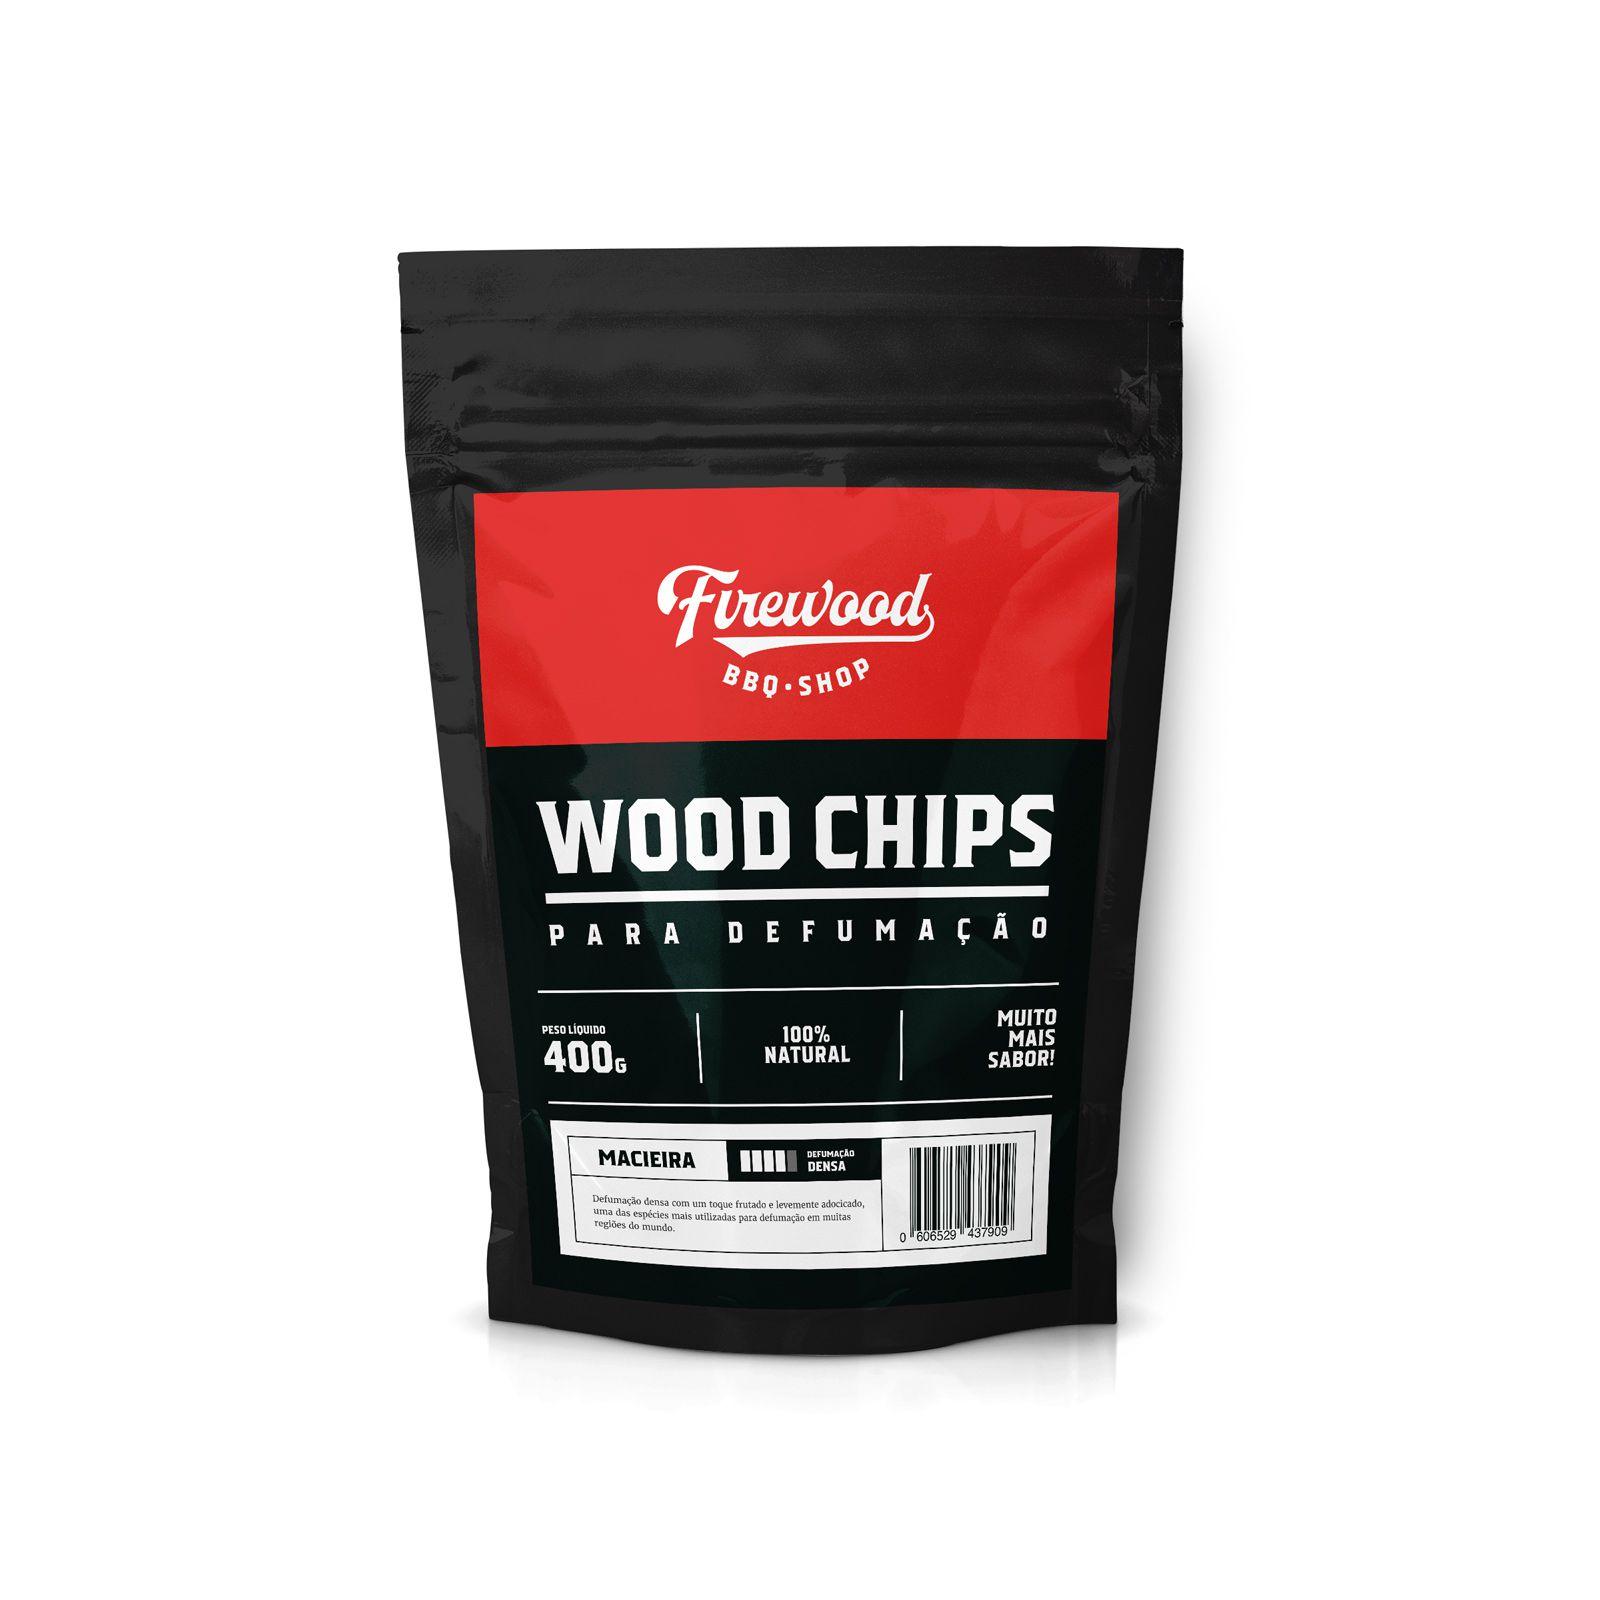 Wood Chips para Defumação - Macieira